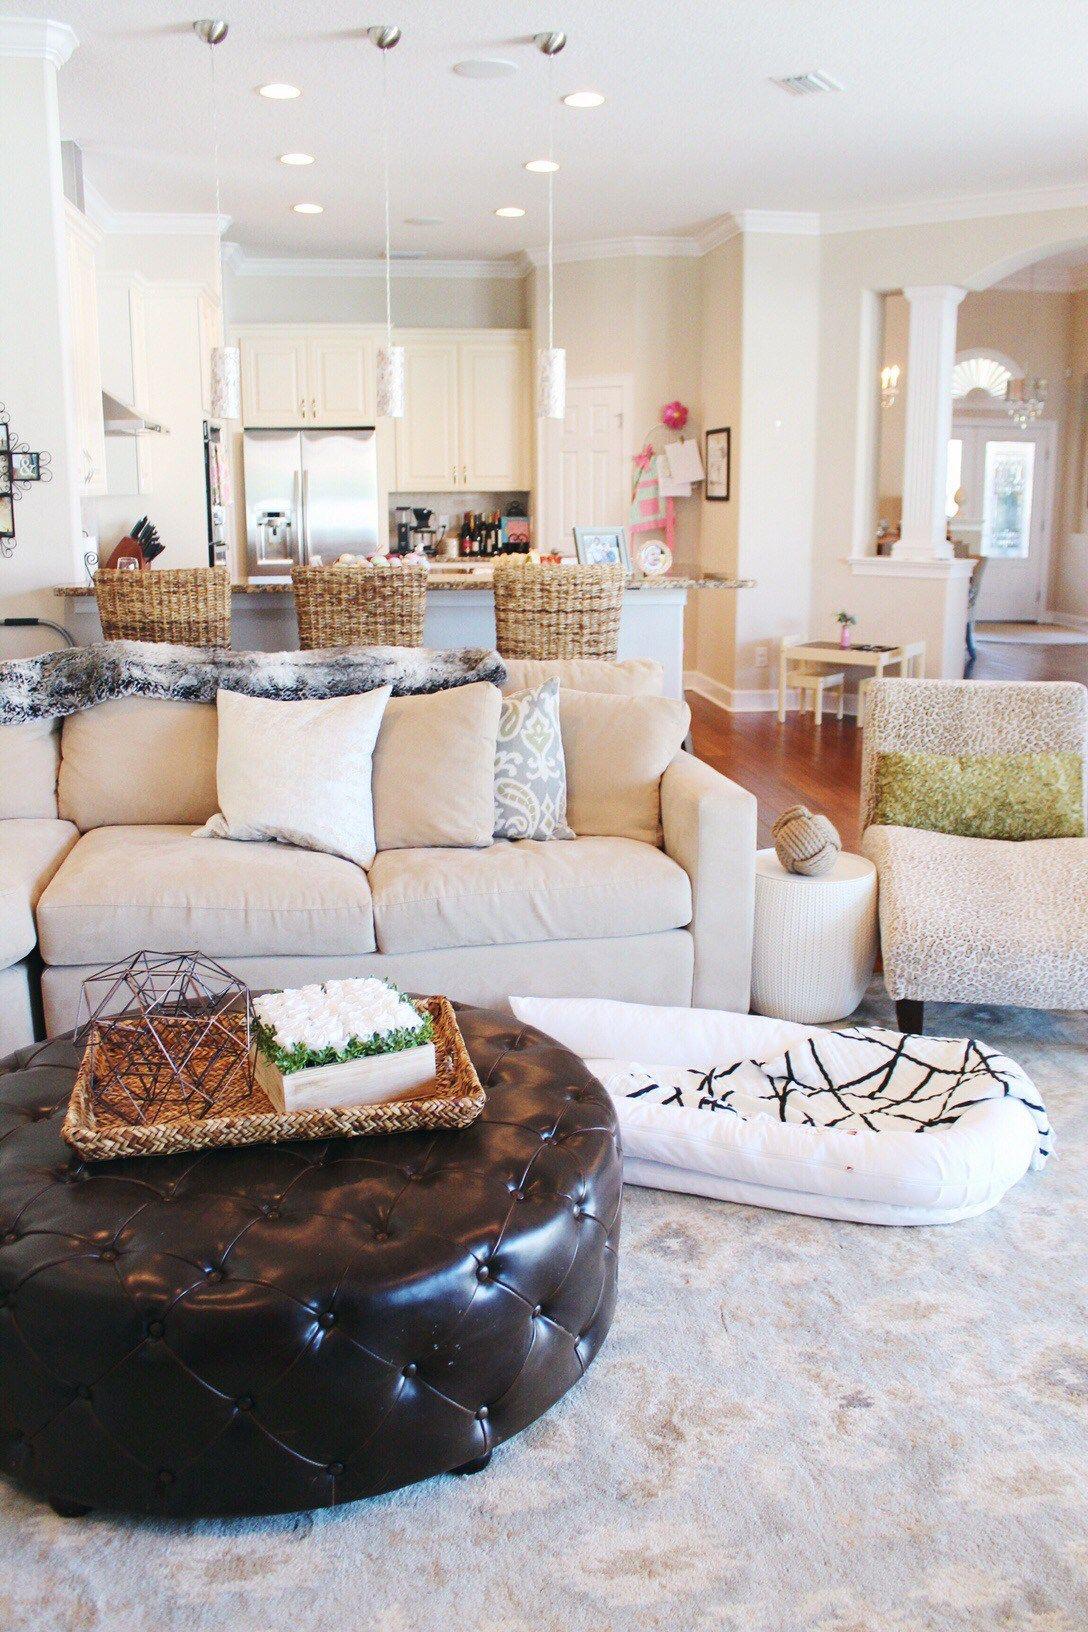 living room design, design ideas for kids, kidproof decor, family ...